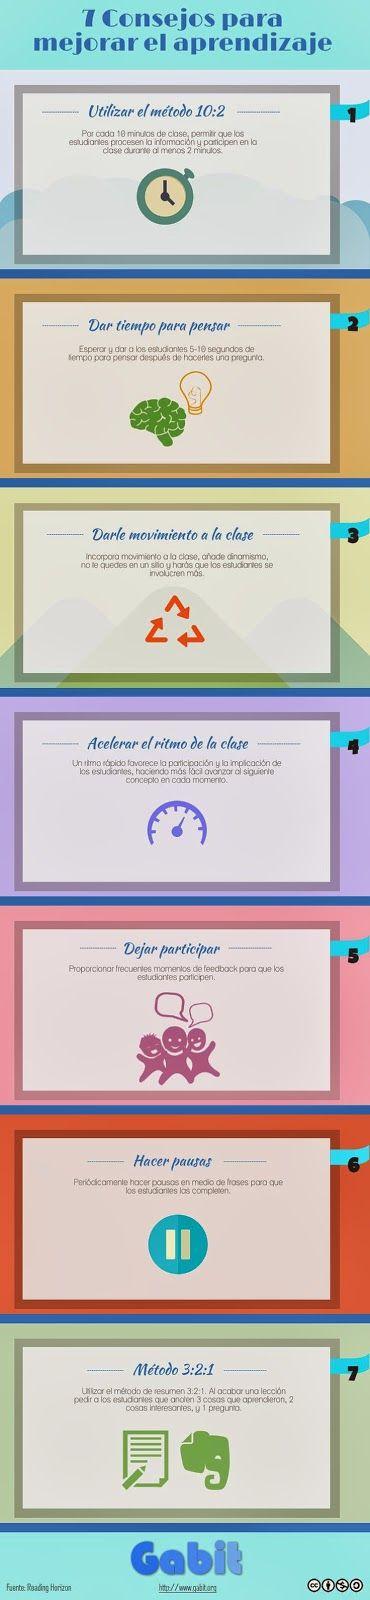 Oratio Orientation: INFOGRAFÍA PARA MEJORAR EL APRENDIZAJE.